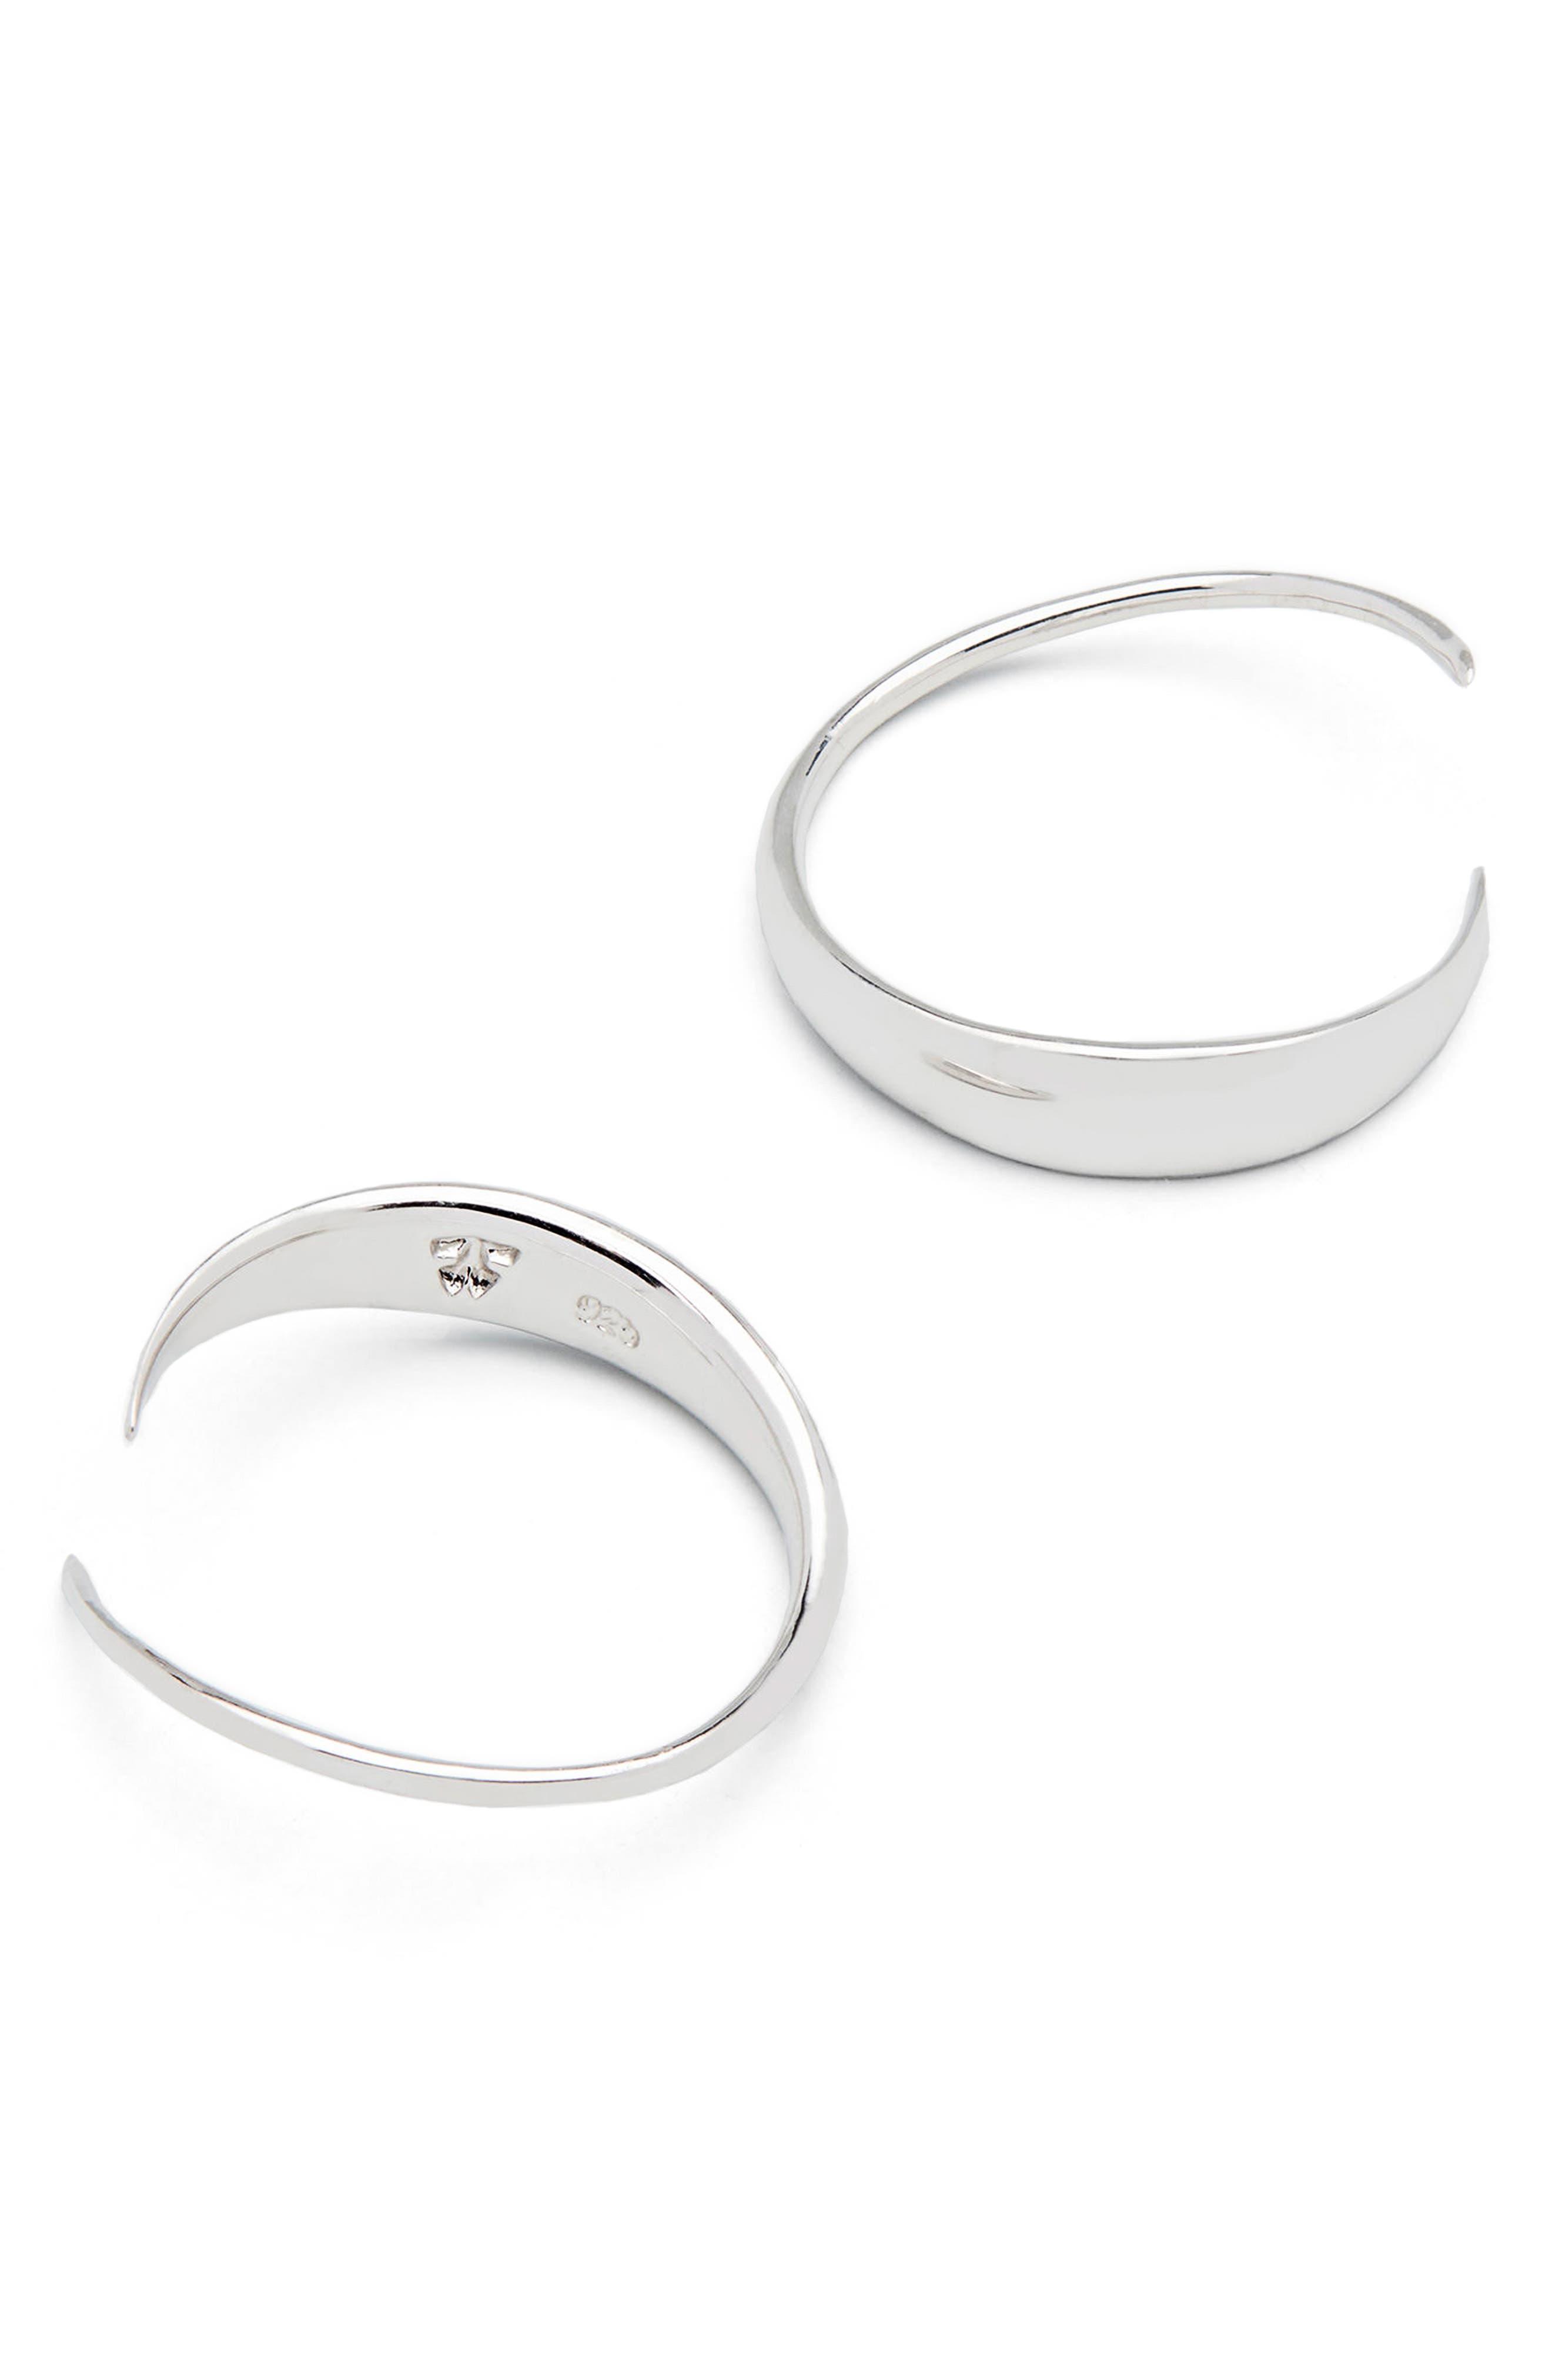 Ear Loop Earrings,                         Main,                         color, 925 Silver